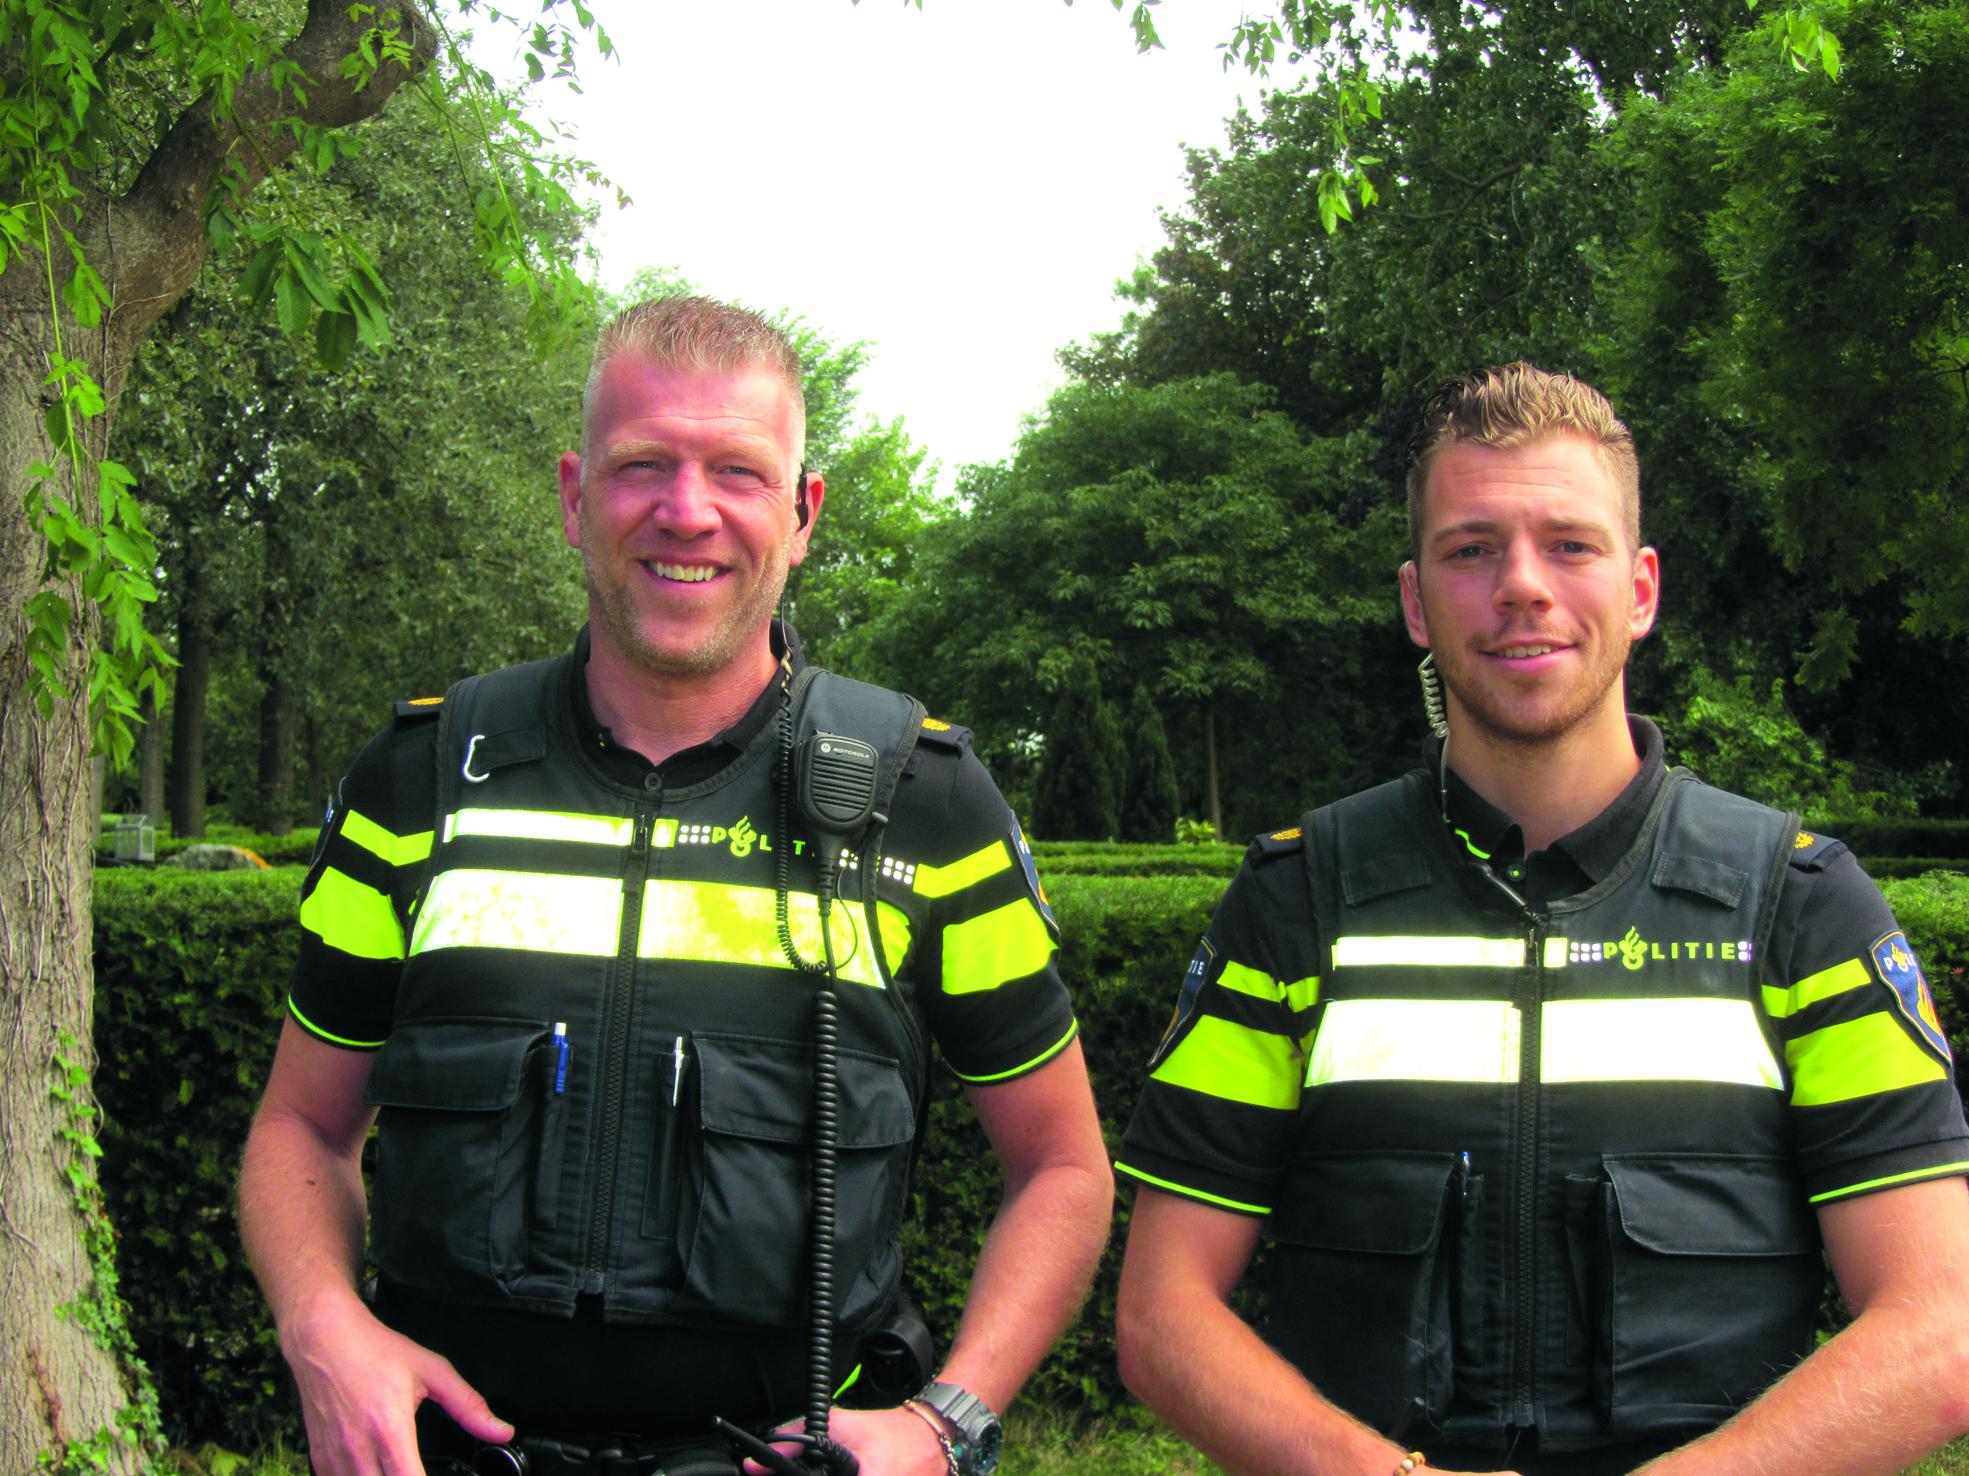 De wijkagenten, Menno Sloots en Nick Horvers (Foto: JWvD)